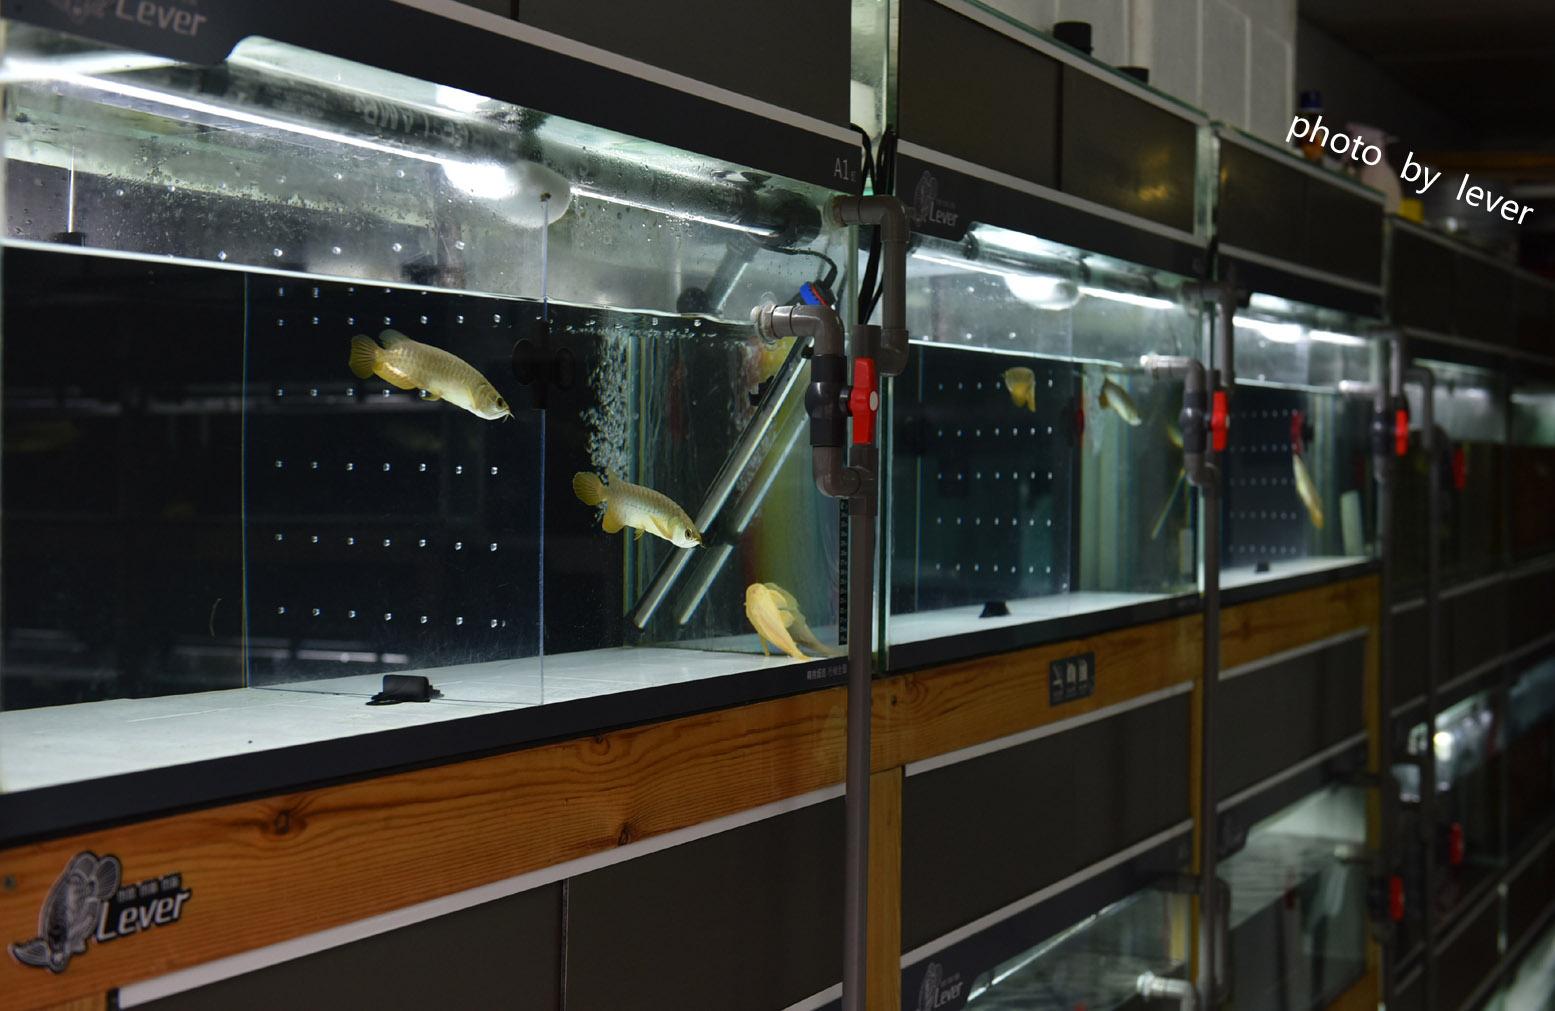 嗨我虽是杂文泰虎但也很多人喜欢我哟 西安观赏鱼信息 西安博特第17张